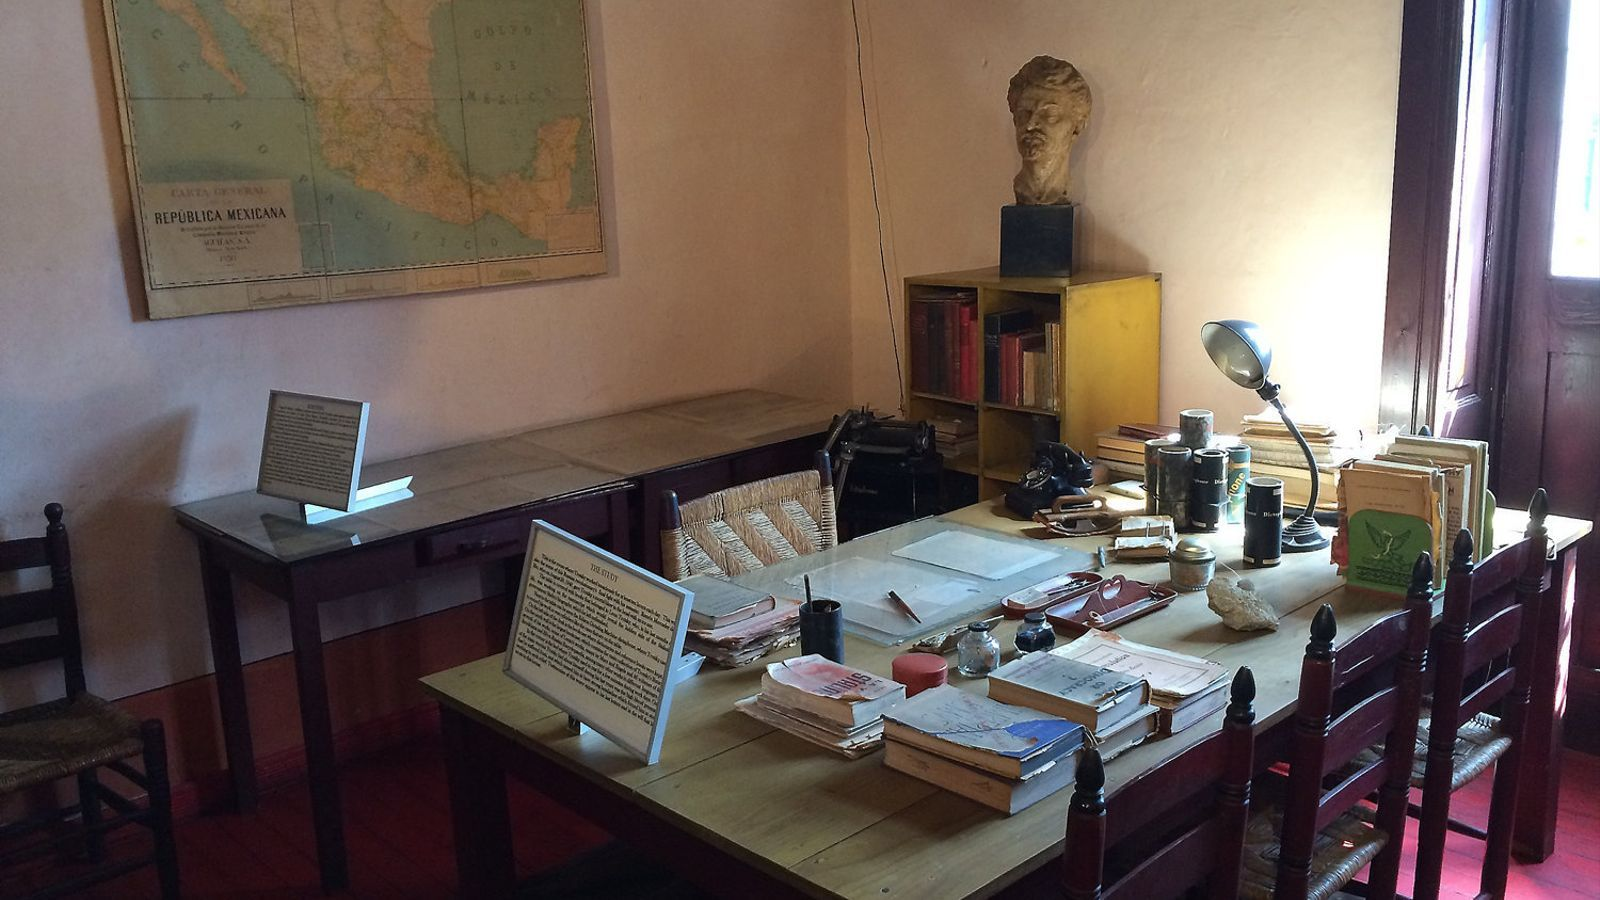 El despatx de Trotski on va rebre el famós cop de piolet que li va costar la vida.